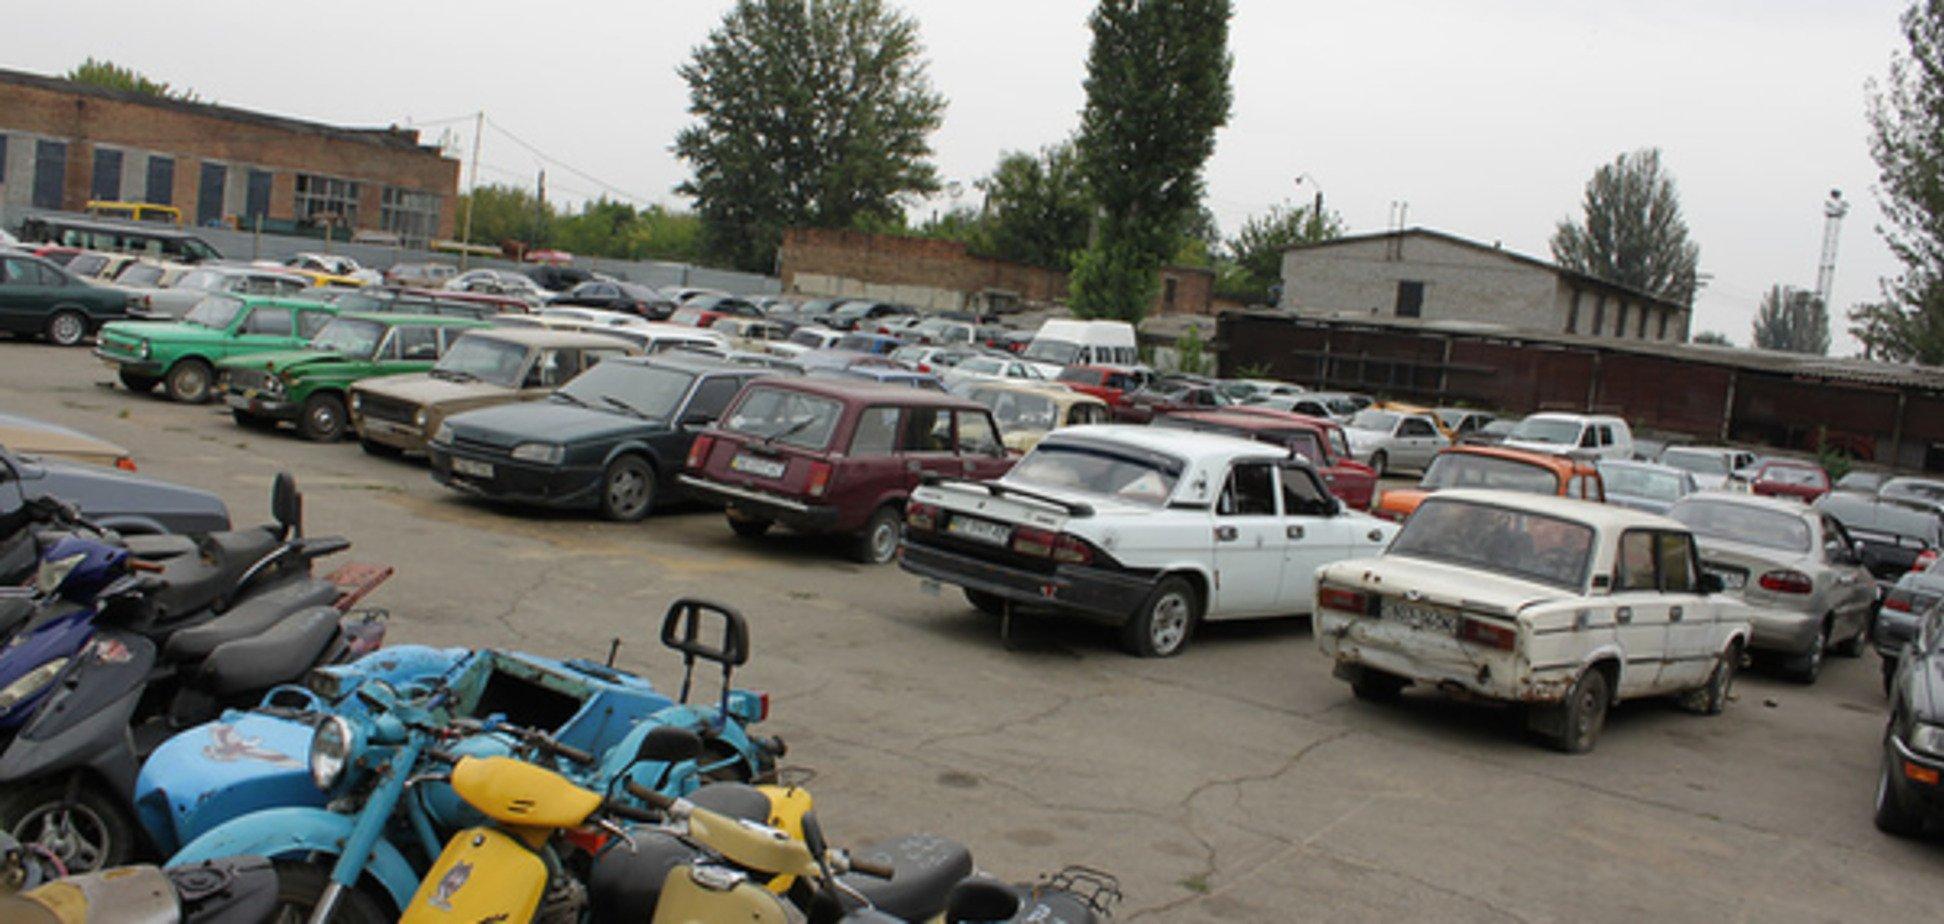 В Україні стали викрадати авто на штрафмайданчиках: машини не охороняють